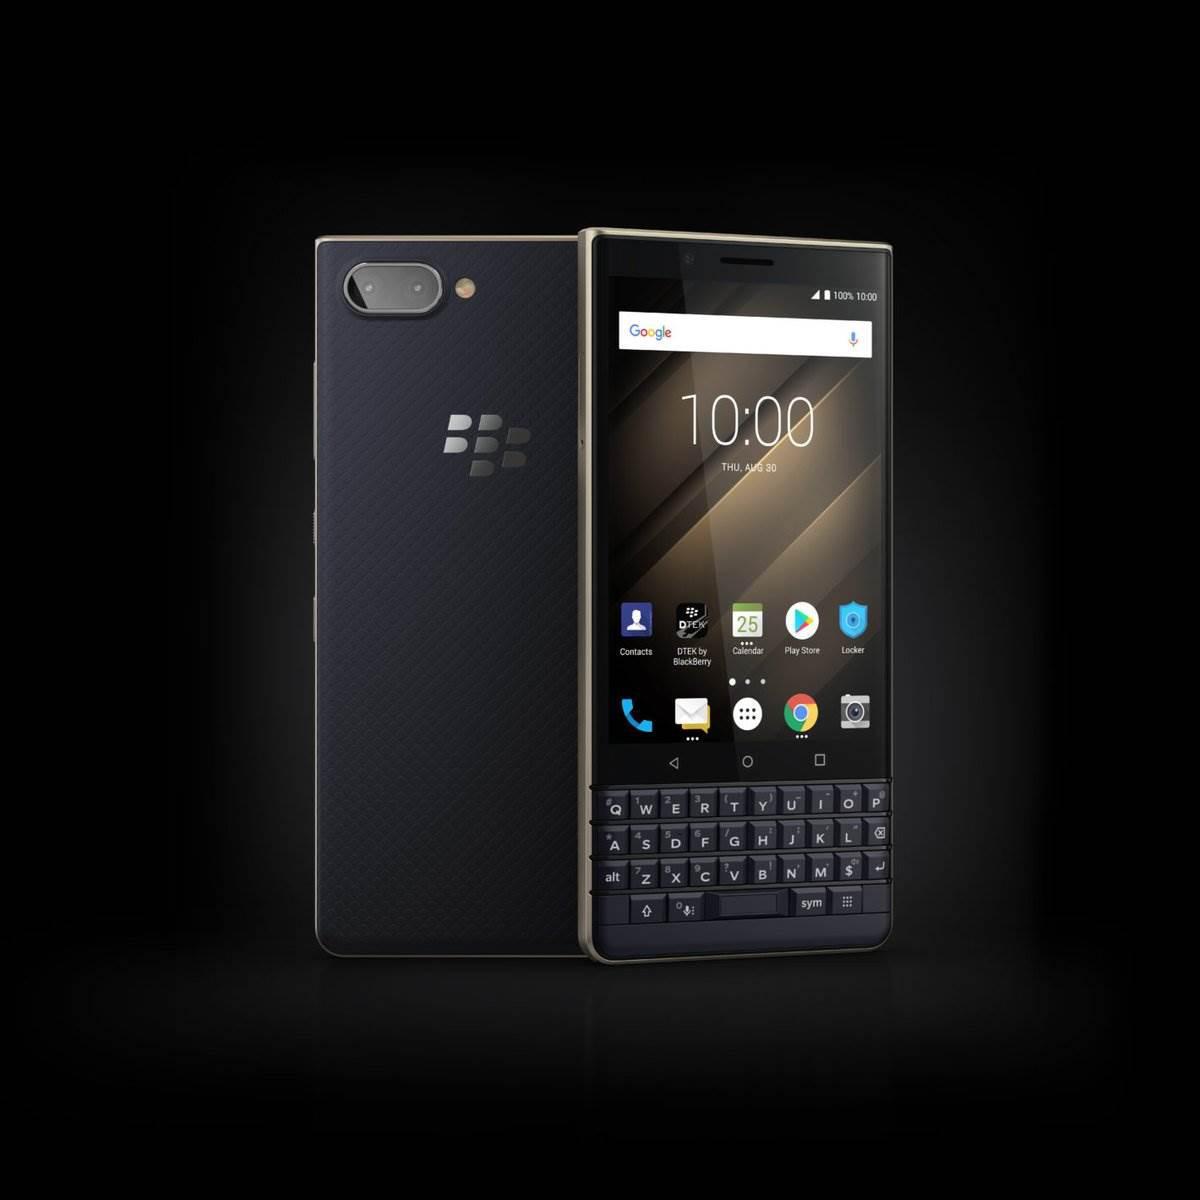 BlackBerry KEY2 LE tanıtıldı: İşte özellikleri ve fiyatı